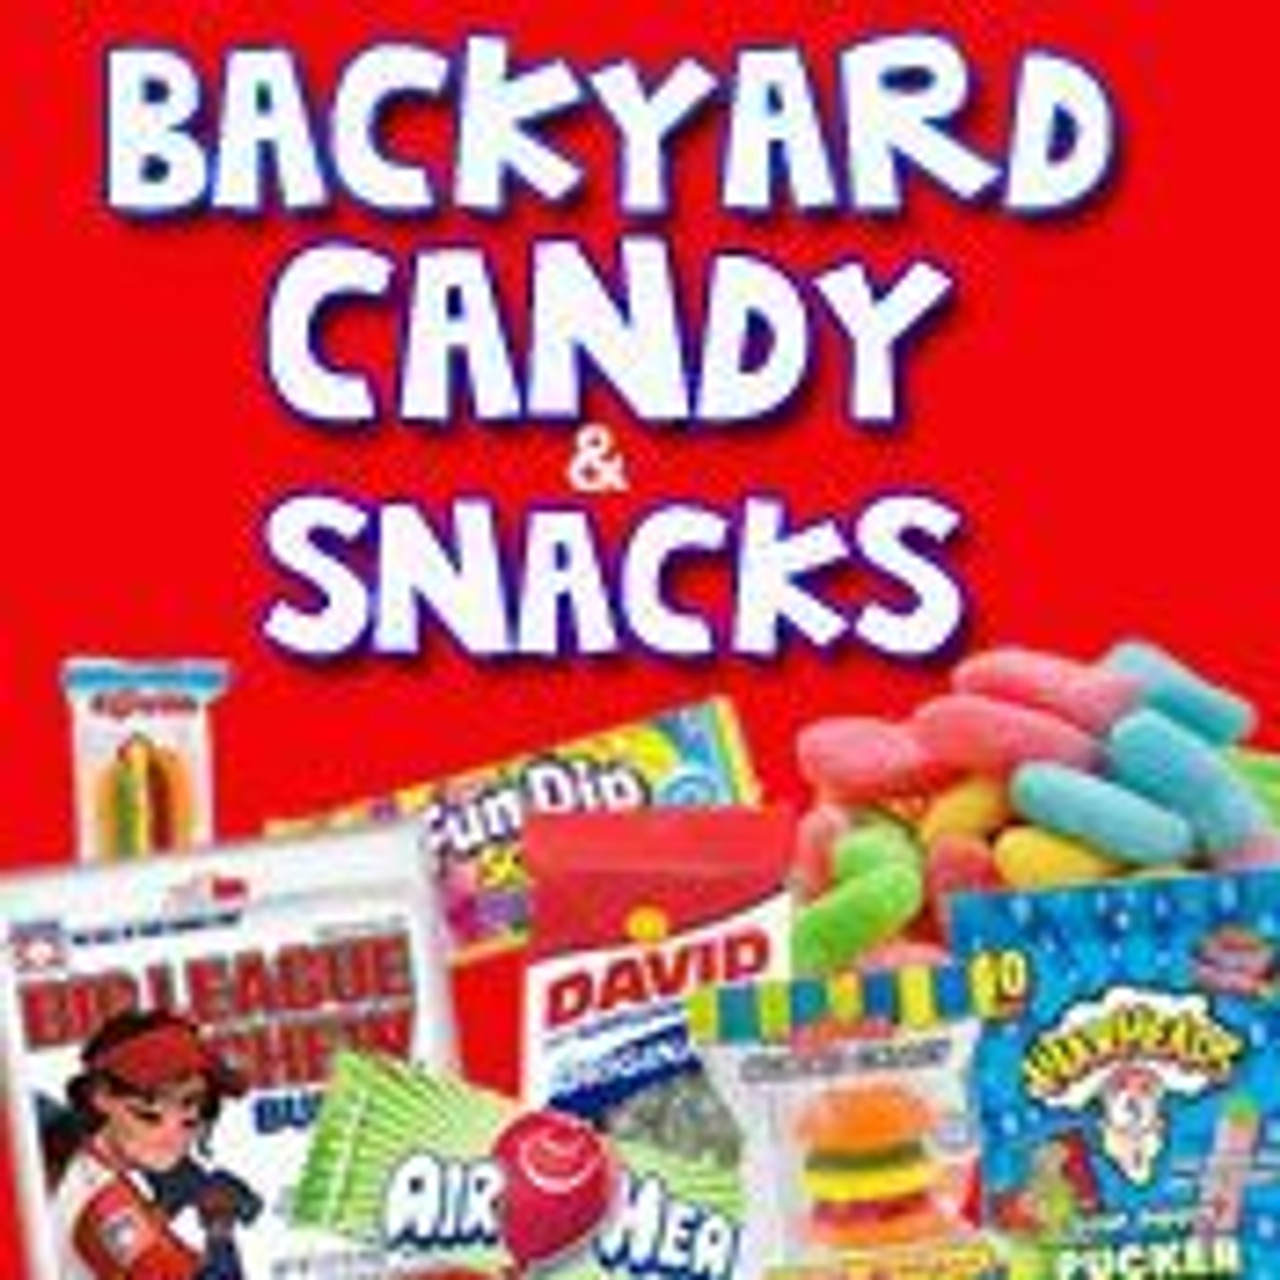 Backyard Family Candy & Snacks